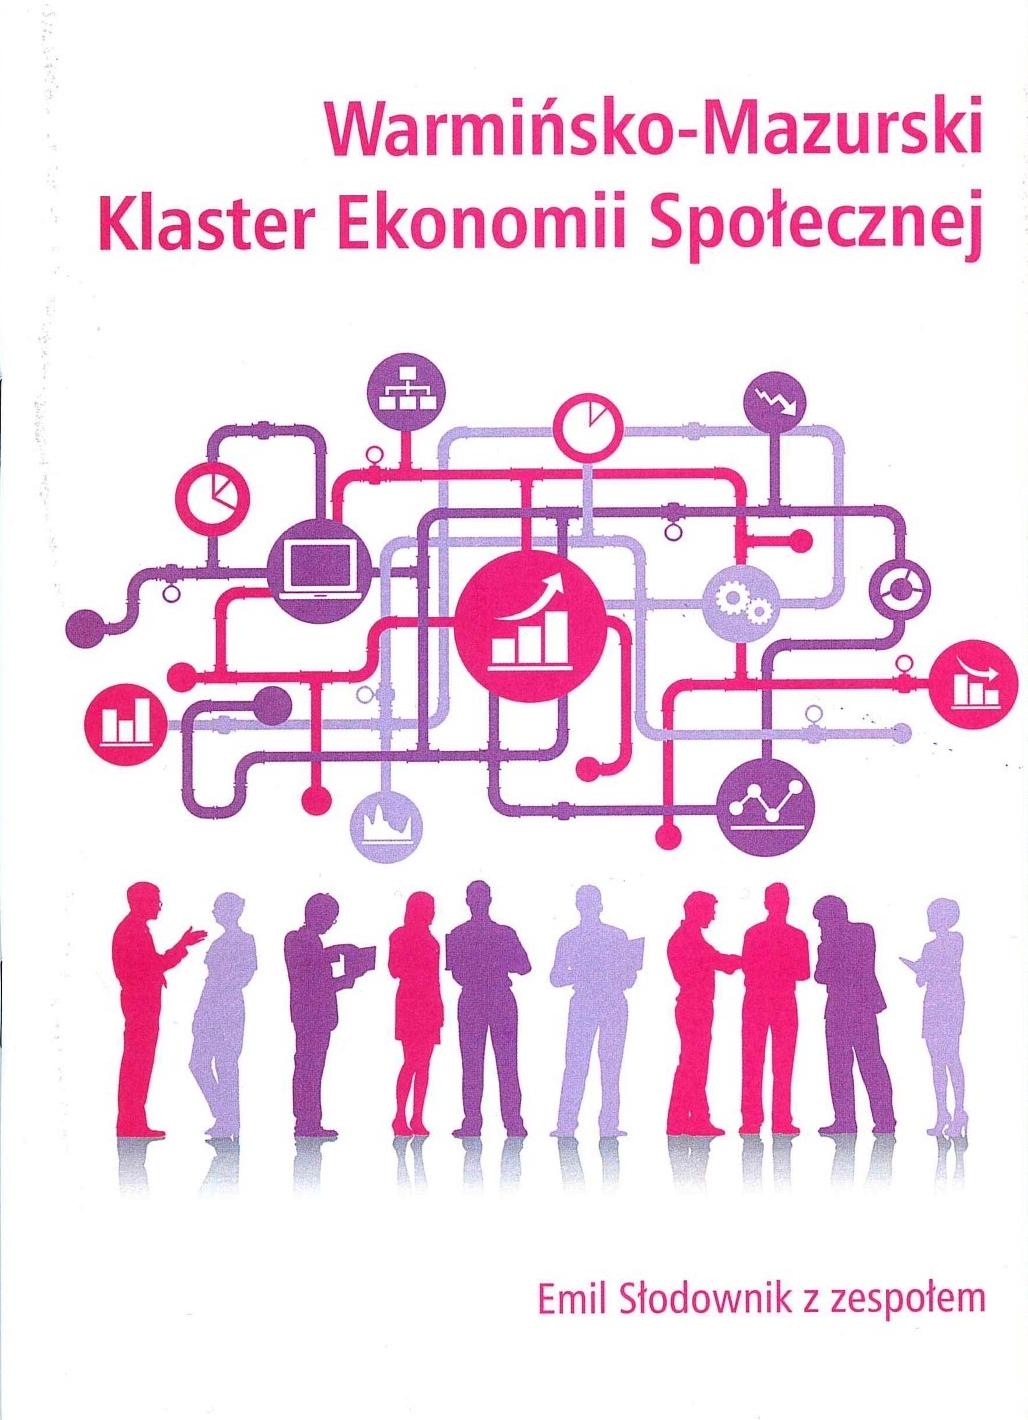 Warmińsko-Mazurski Klaster Ekonimii Społecznej, część II publikacje